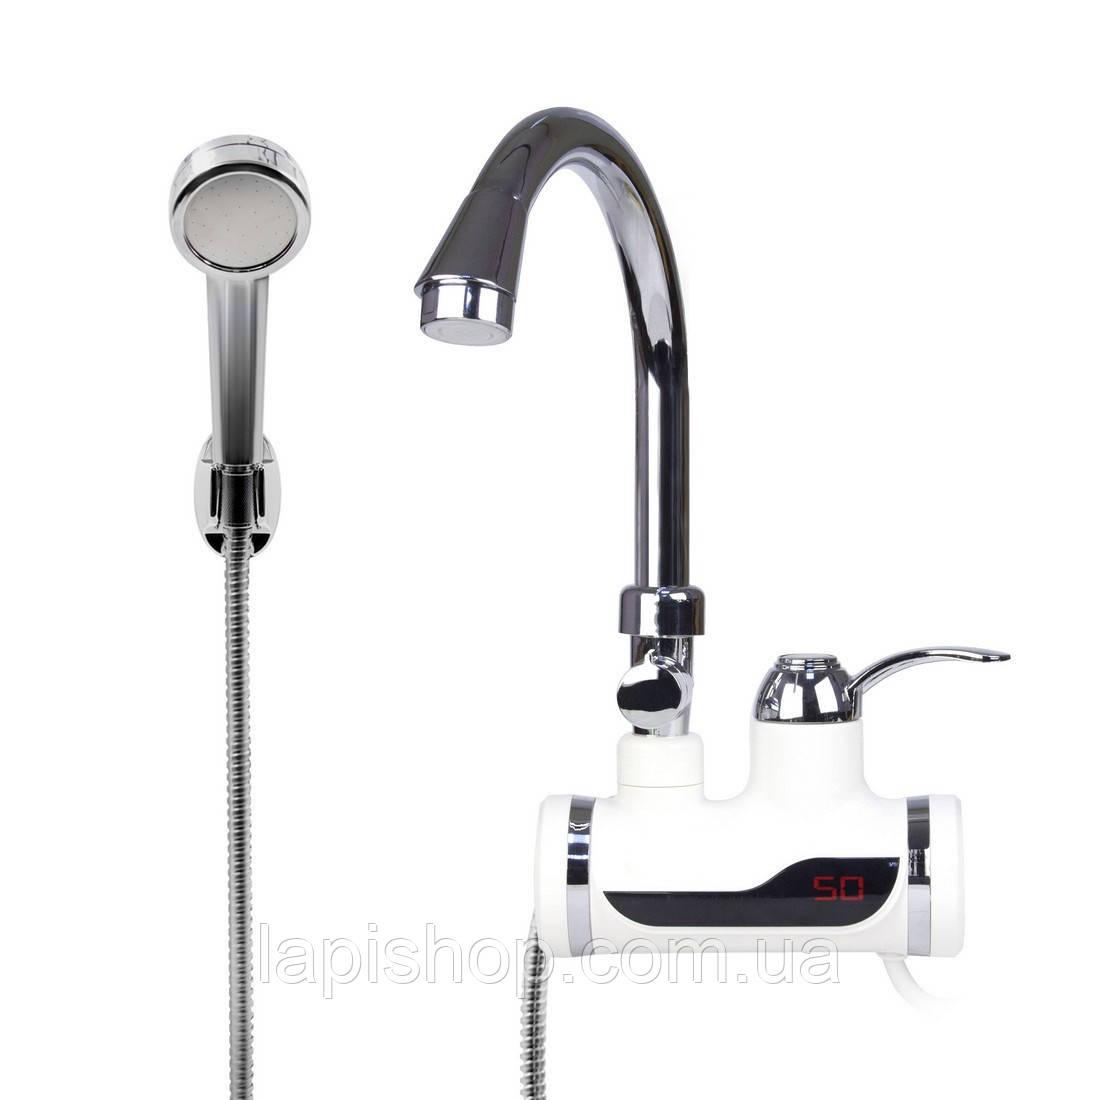 Проточный водонагреватель с боковым креплением и душем